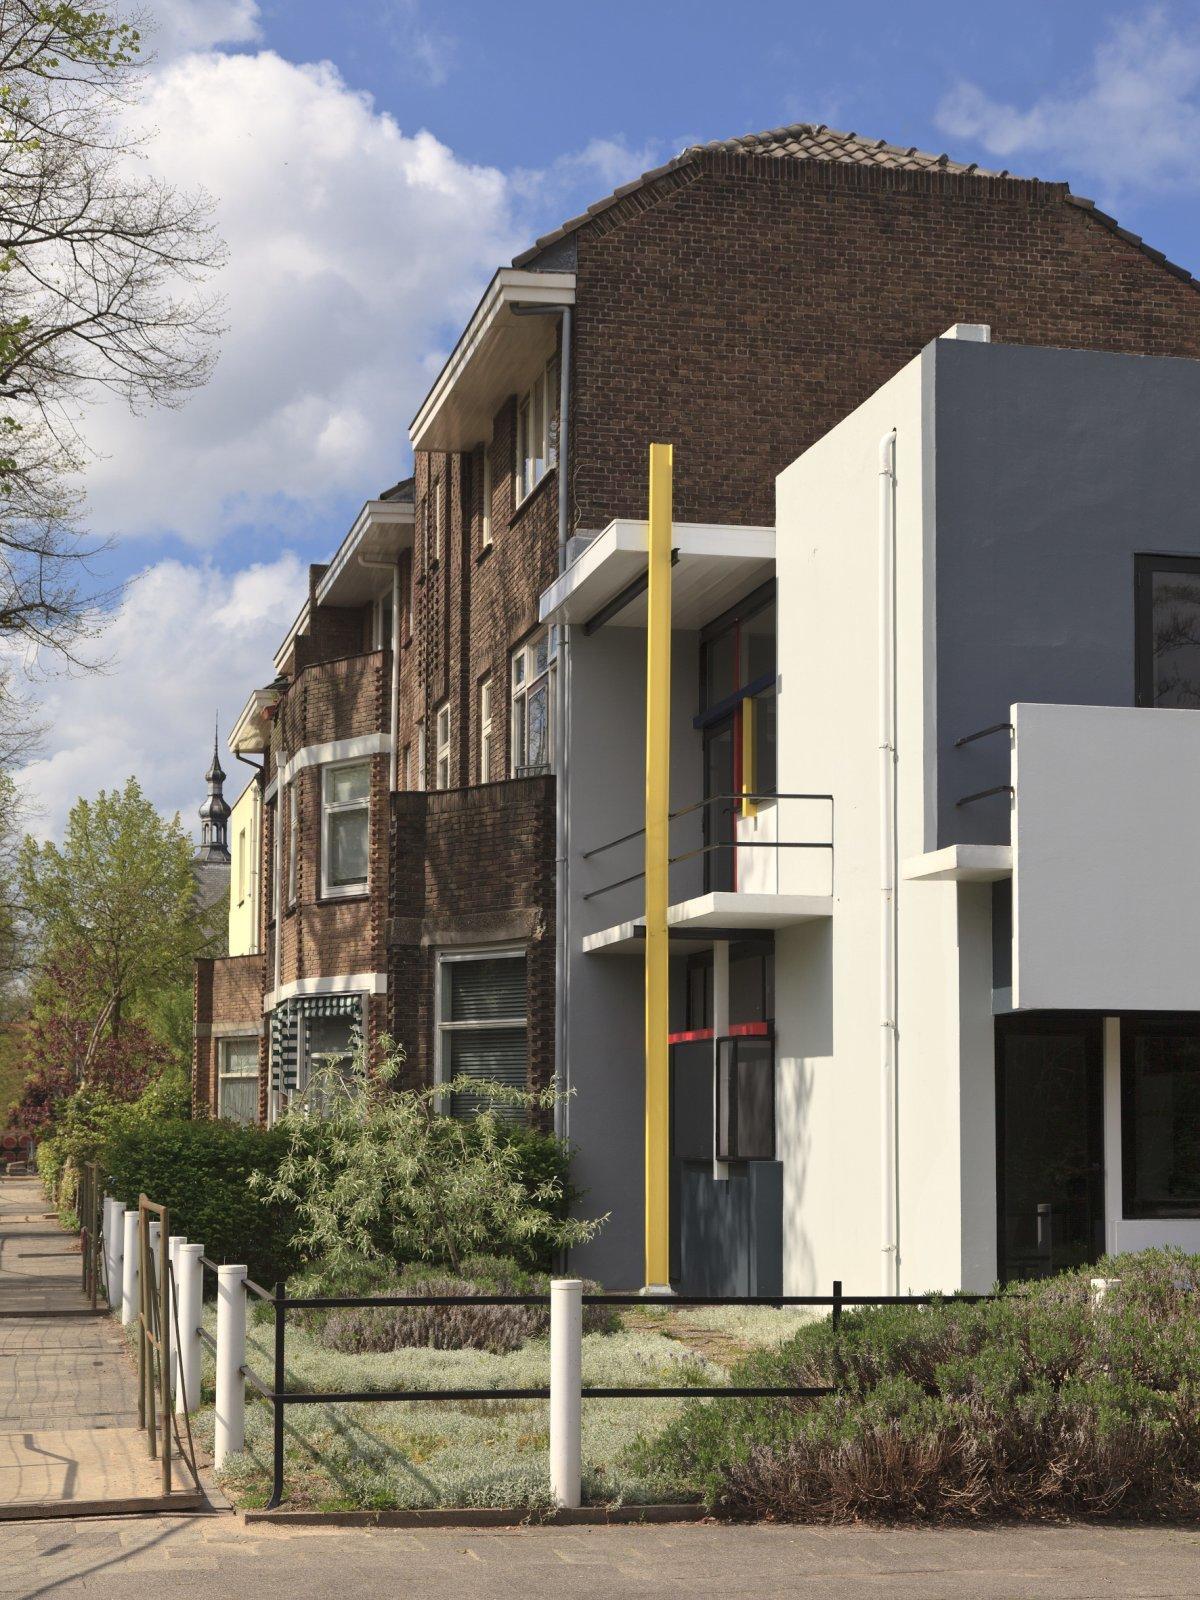 Rietveld Schröderhuis; Prins Hendriklaan 50 Utrecht; exterieur; overzicht; Werelderfgoed Nederland; Unesco; Gerrit Rietveld;Truus Schröder, Visie Erfgoed en Ruimte VER